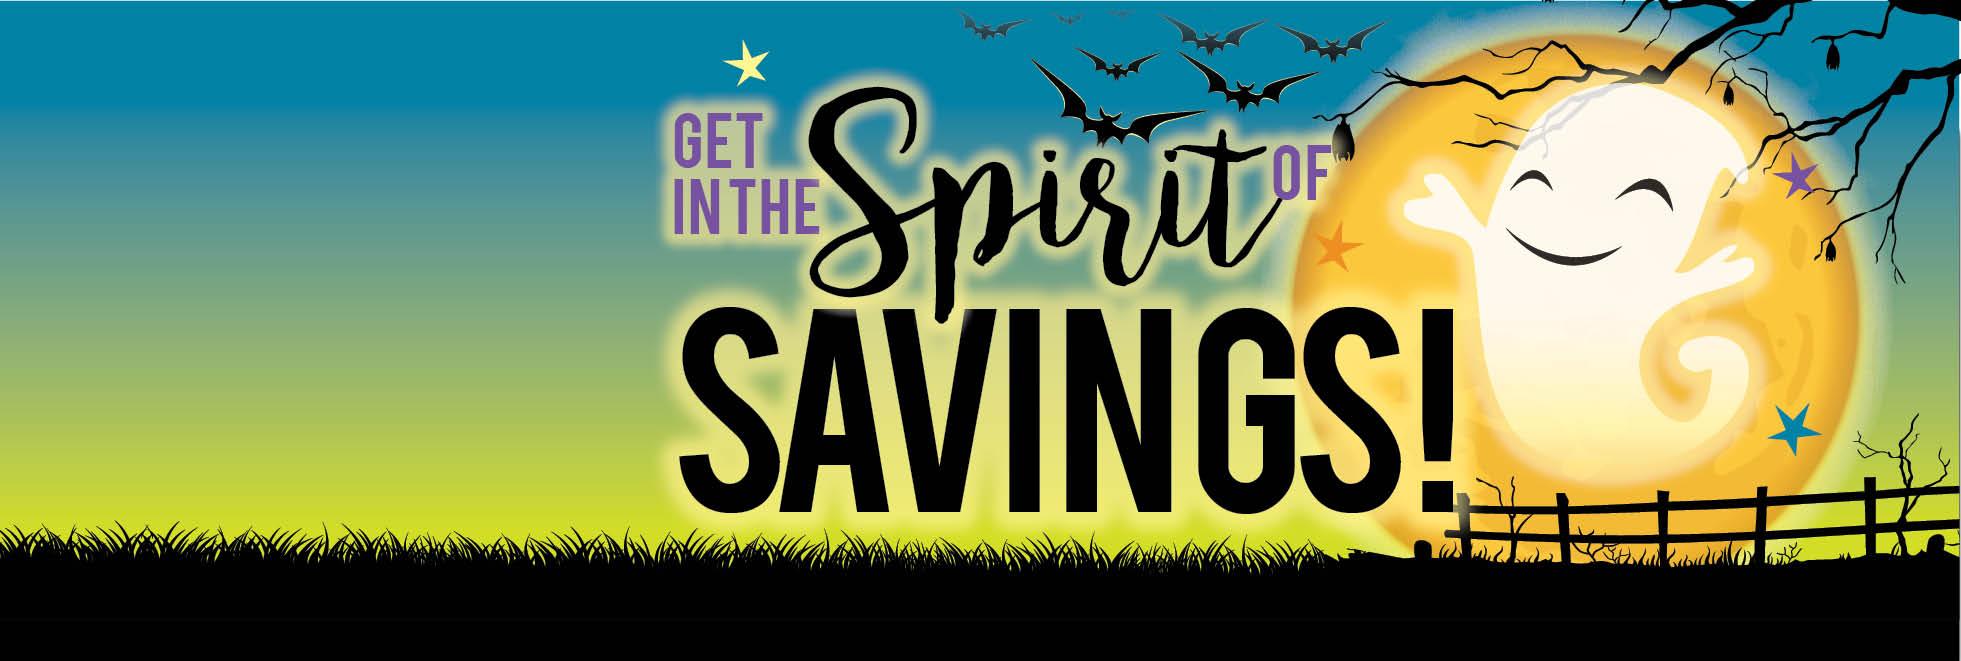 Spirit of Savings